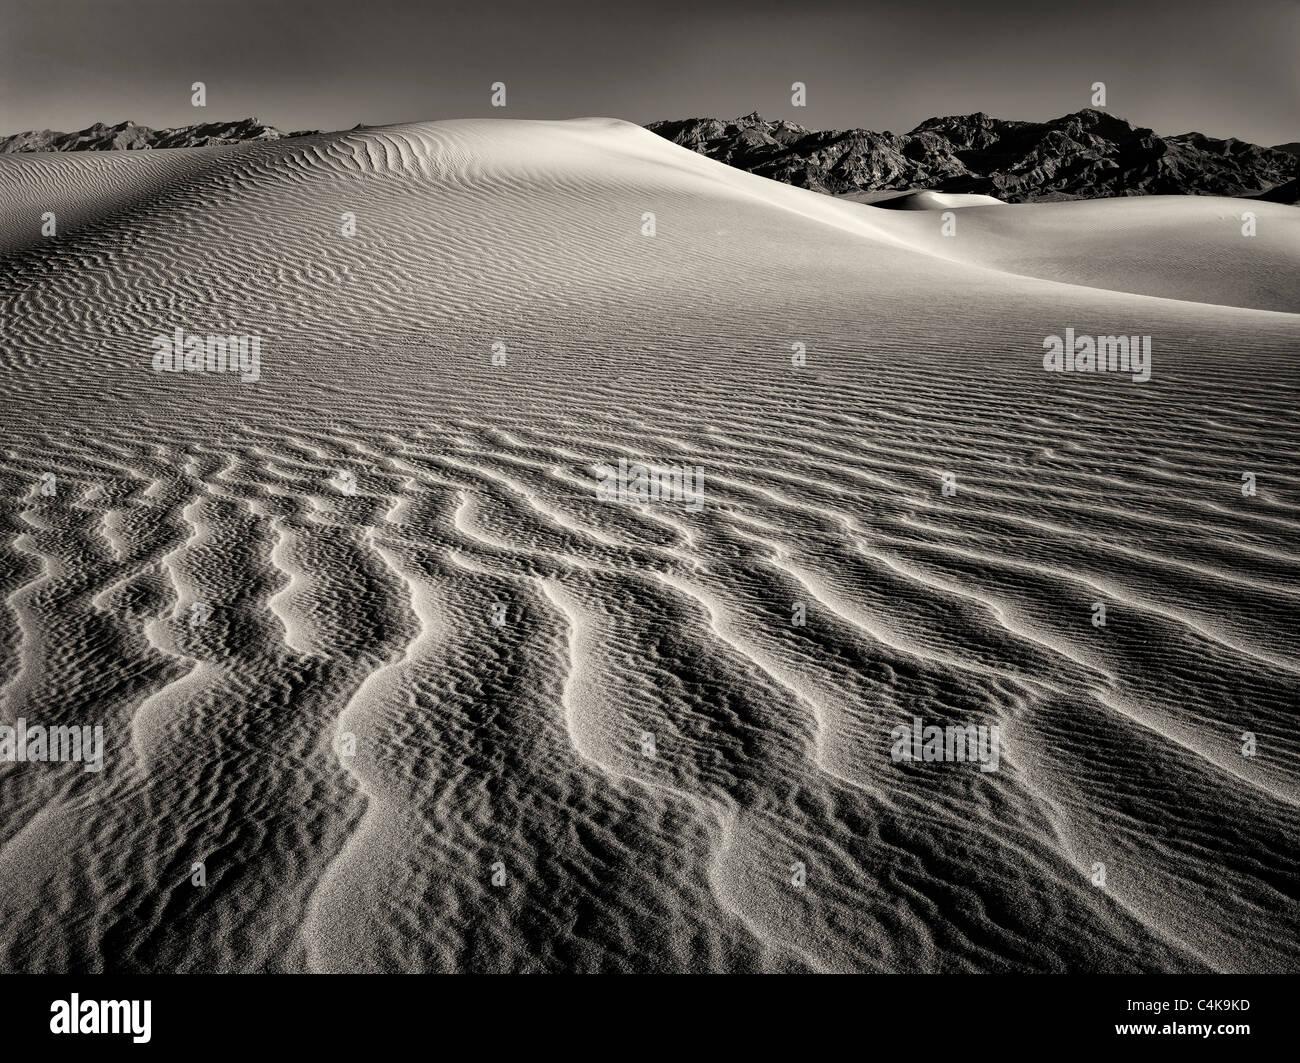 Des modèles dans le sable après une tempête de vent intense. Death Valley National Park, Californie Photo Stock